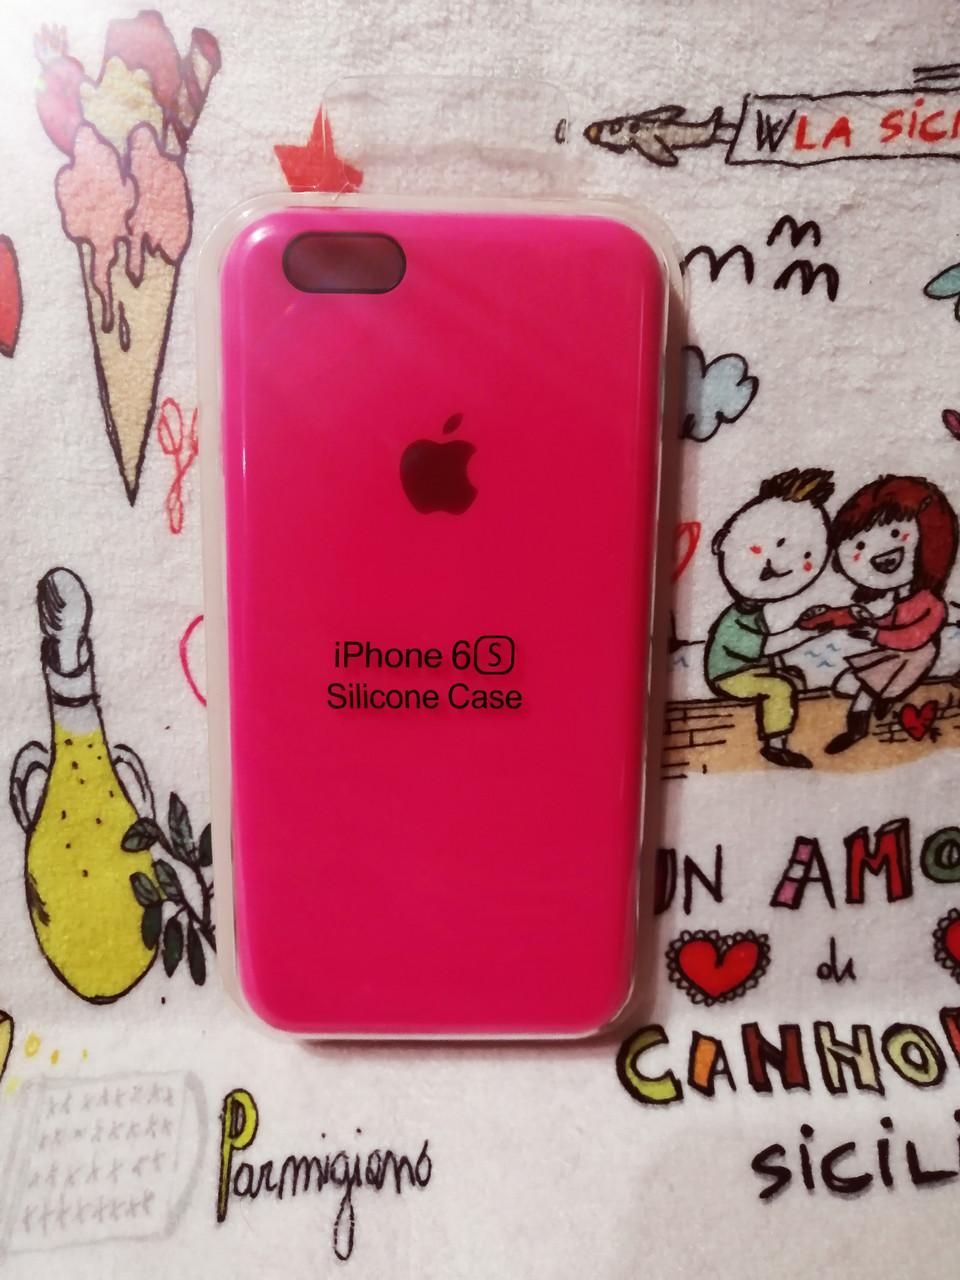 Силиконовый чехол для Айфон  6 / 6S  Silicon Case Iphone 6 / 6S в защищенном боксе - Color 8